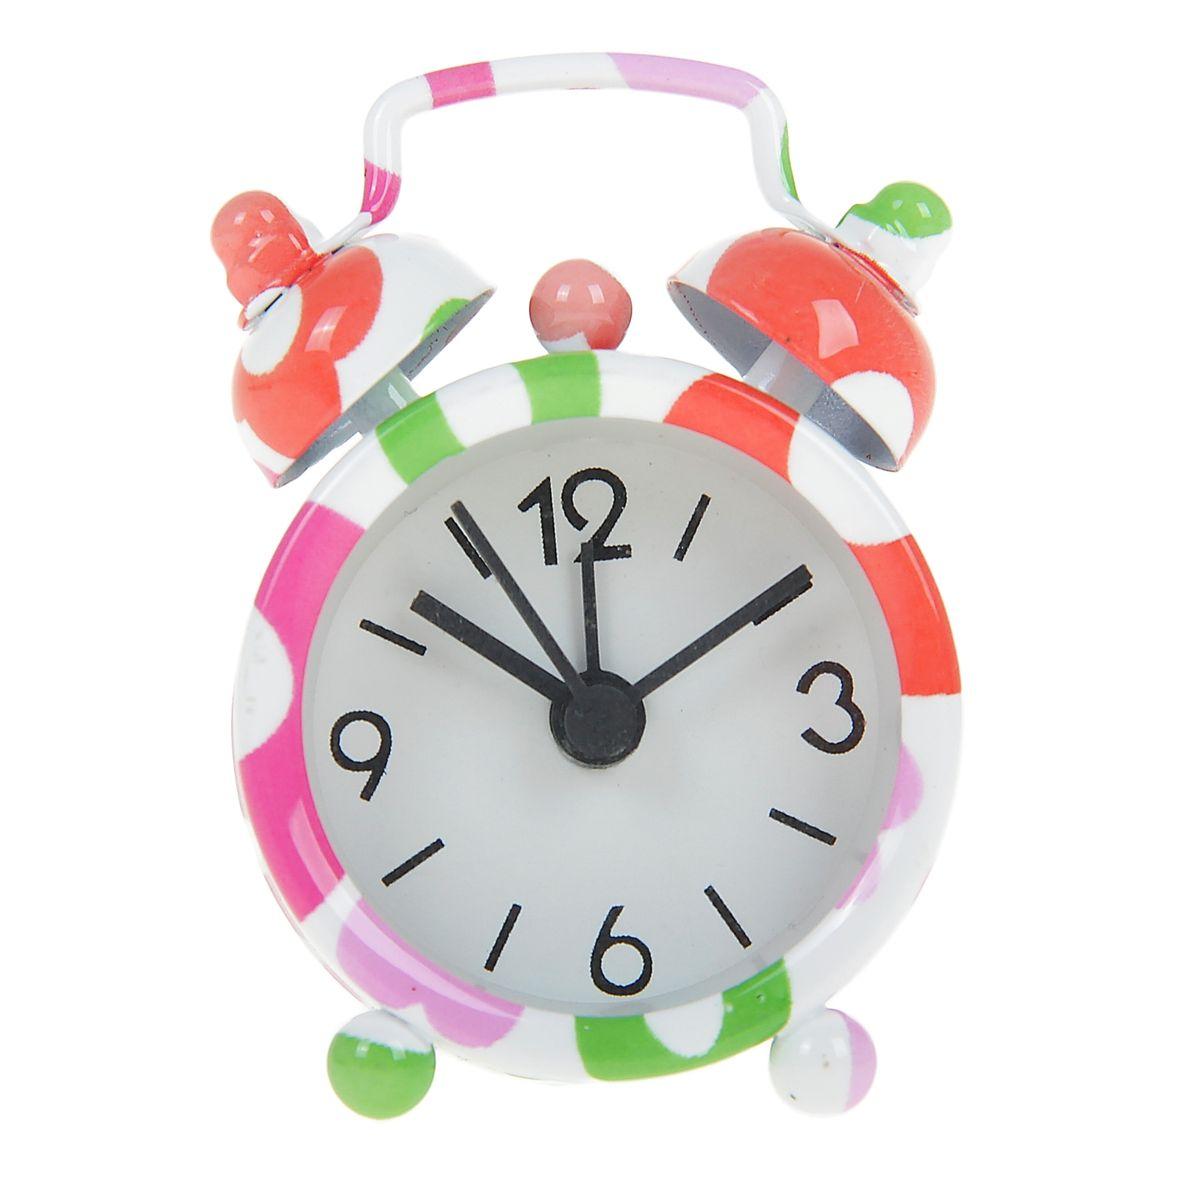 Часы-будильник Sima-land Полевые цветы840944Как же сложно иногда вставать вовремя! Всегда так хочется поспать еще хотя бы 5 минут и бывает, что мы просыпаем. Теперь этого не случится! Яркий, оригинальный будильник Sima-land Полевые цветы поможет вам всегда вставать в нужное время и успевать везде и всюду. Будильник украсит вашу комнату и приведет в восхищение друзей. Эта уменьшенная версия привычного будильника умещается на ладони и работает так же громко, как и привычные аналоги. Время показывает точно и будит в установленный час.На задней панели будильника расположены переключатель включения/выключения механизма, а также два колесика для настройки текущего времени и времени звонка будильника.Будильник работает от 1 батарейки типа LR44 (входит в комплект).